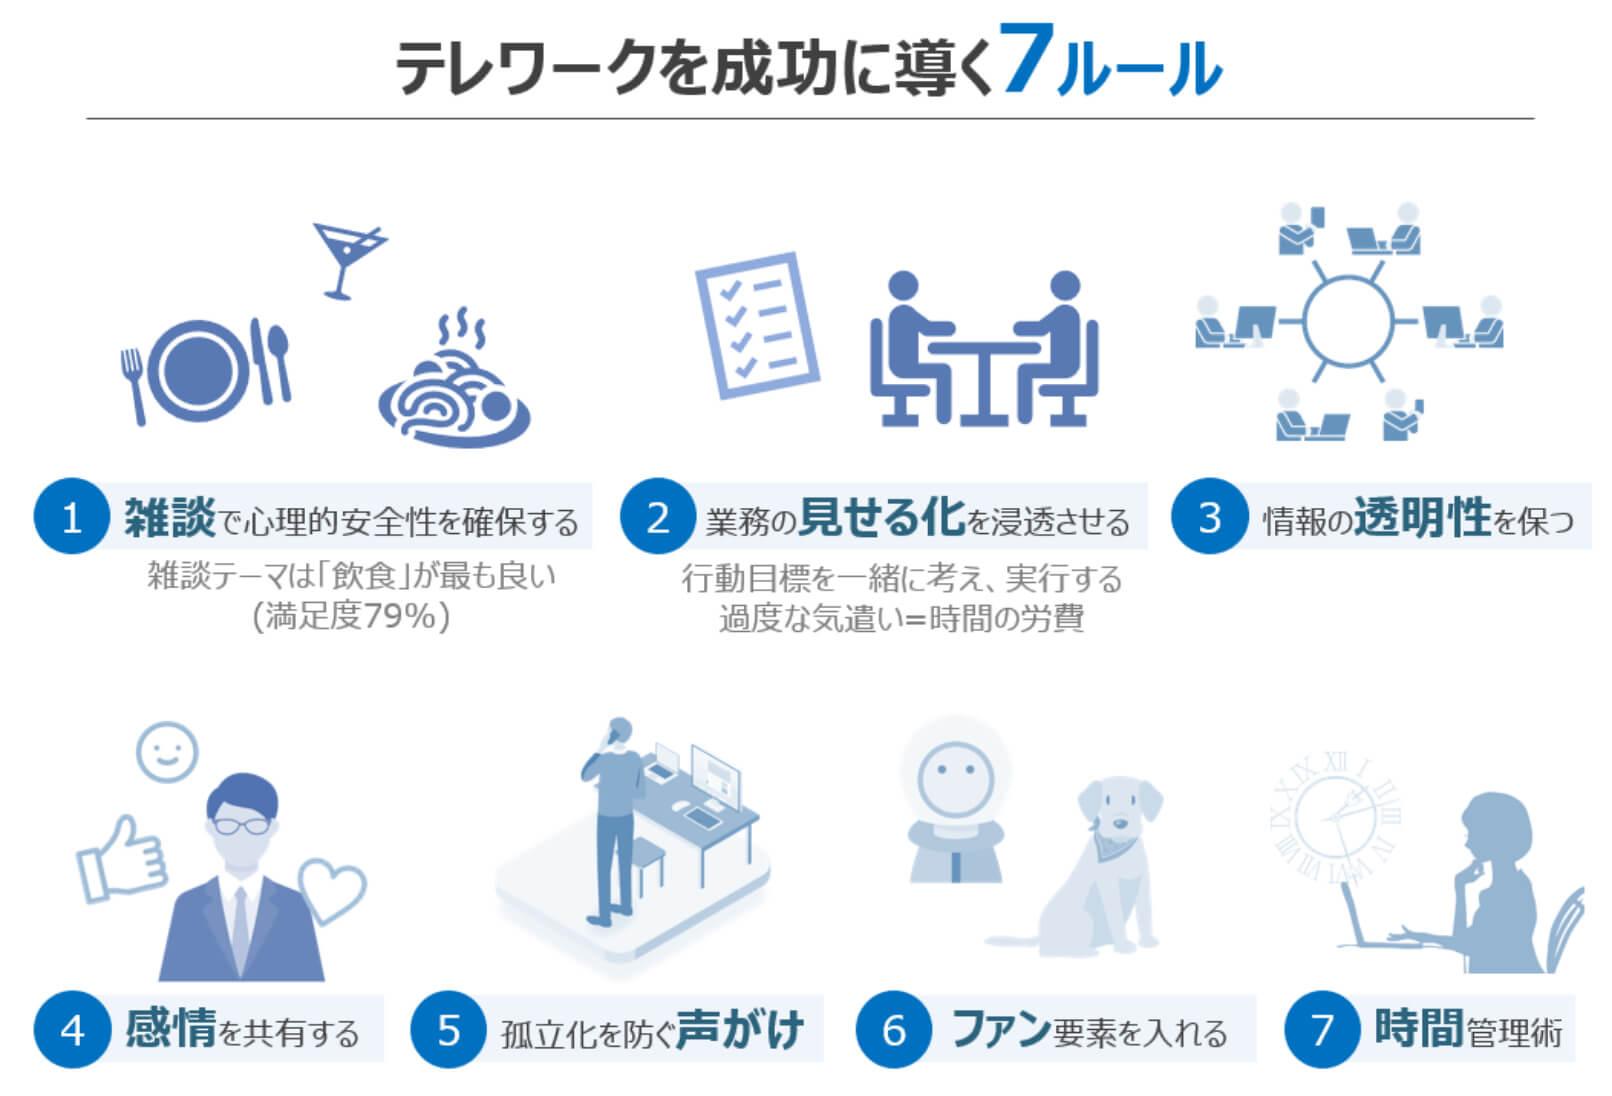 テレワークを成功に導く7つのルール